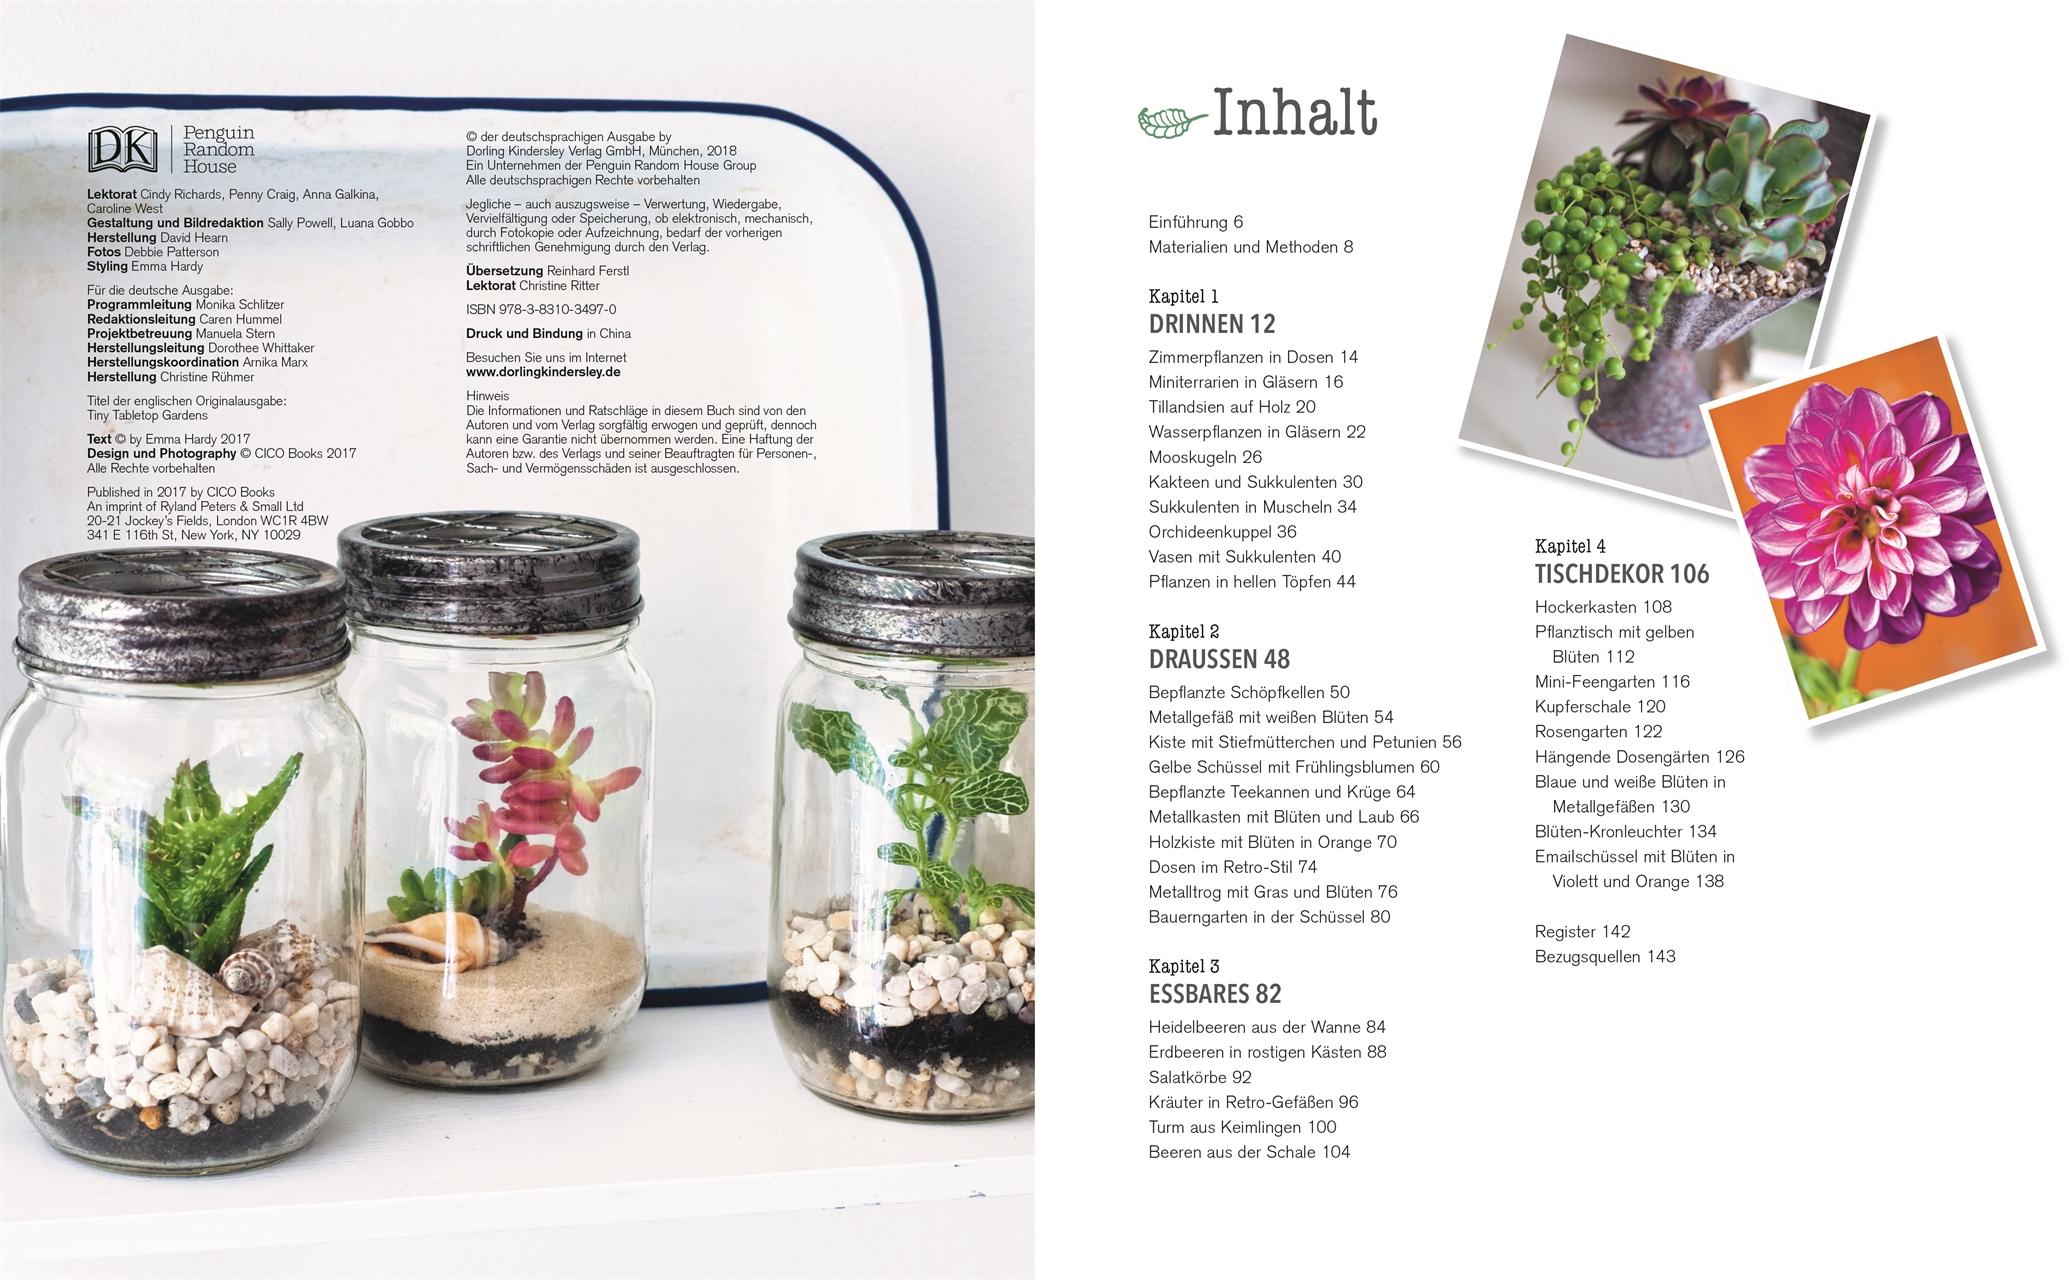 Kreativ Mit Pflanzen Deko Buch Ideen Fur Drinnen Draussen